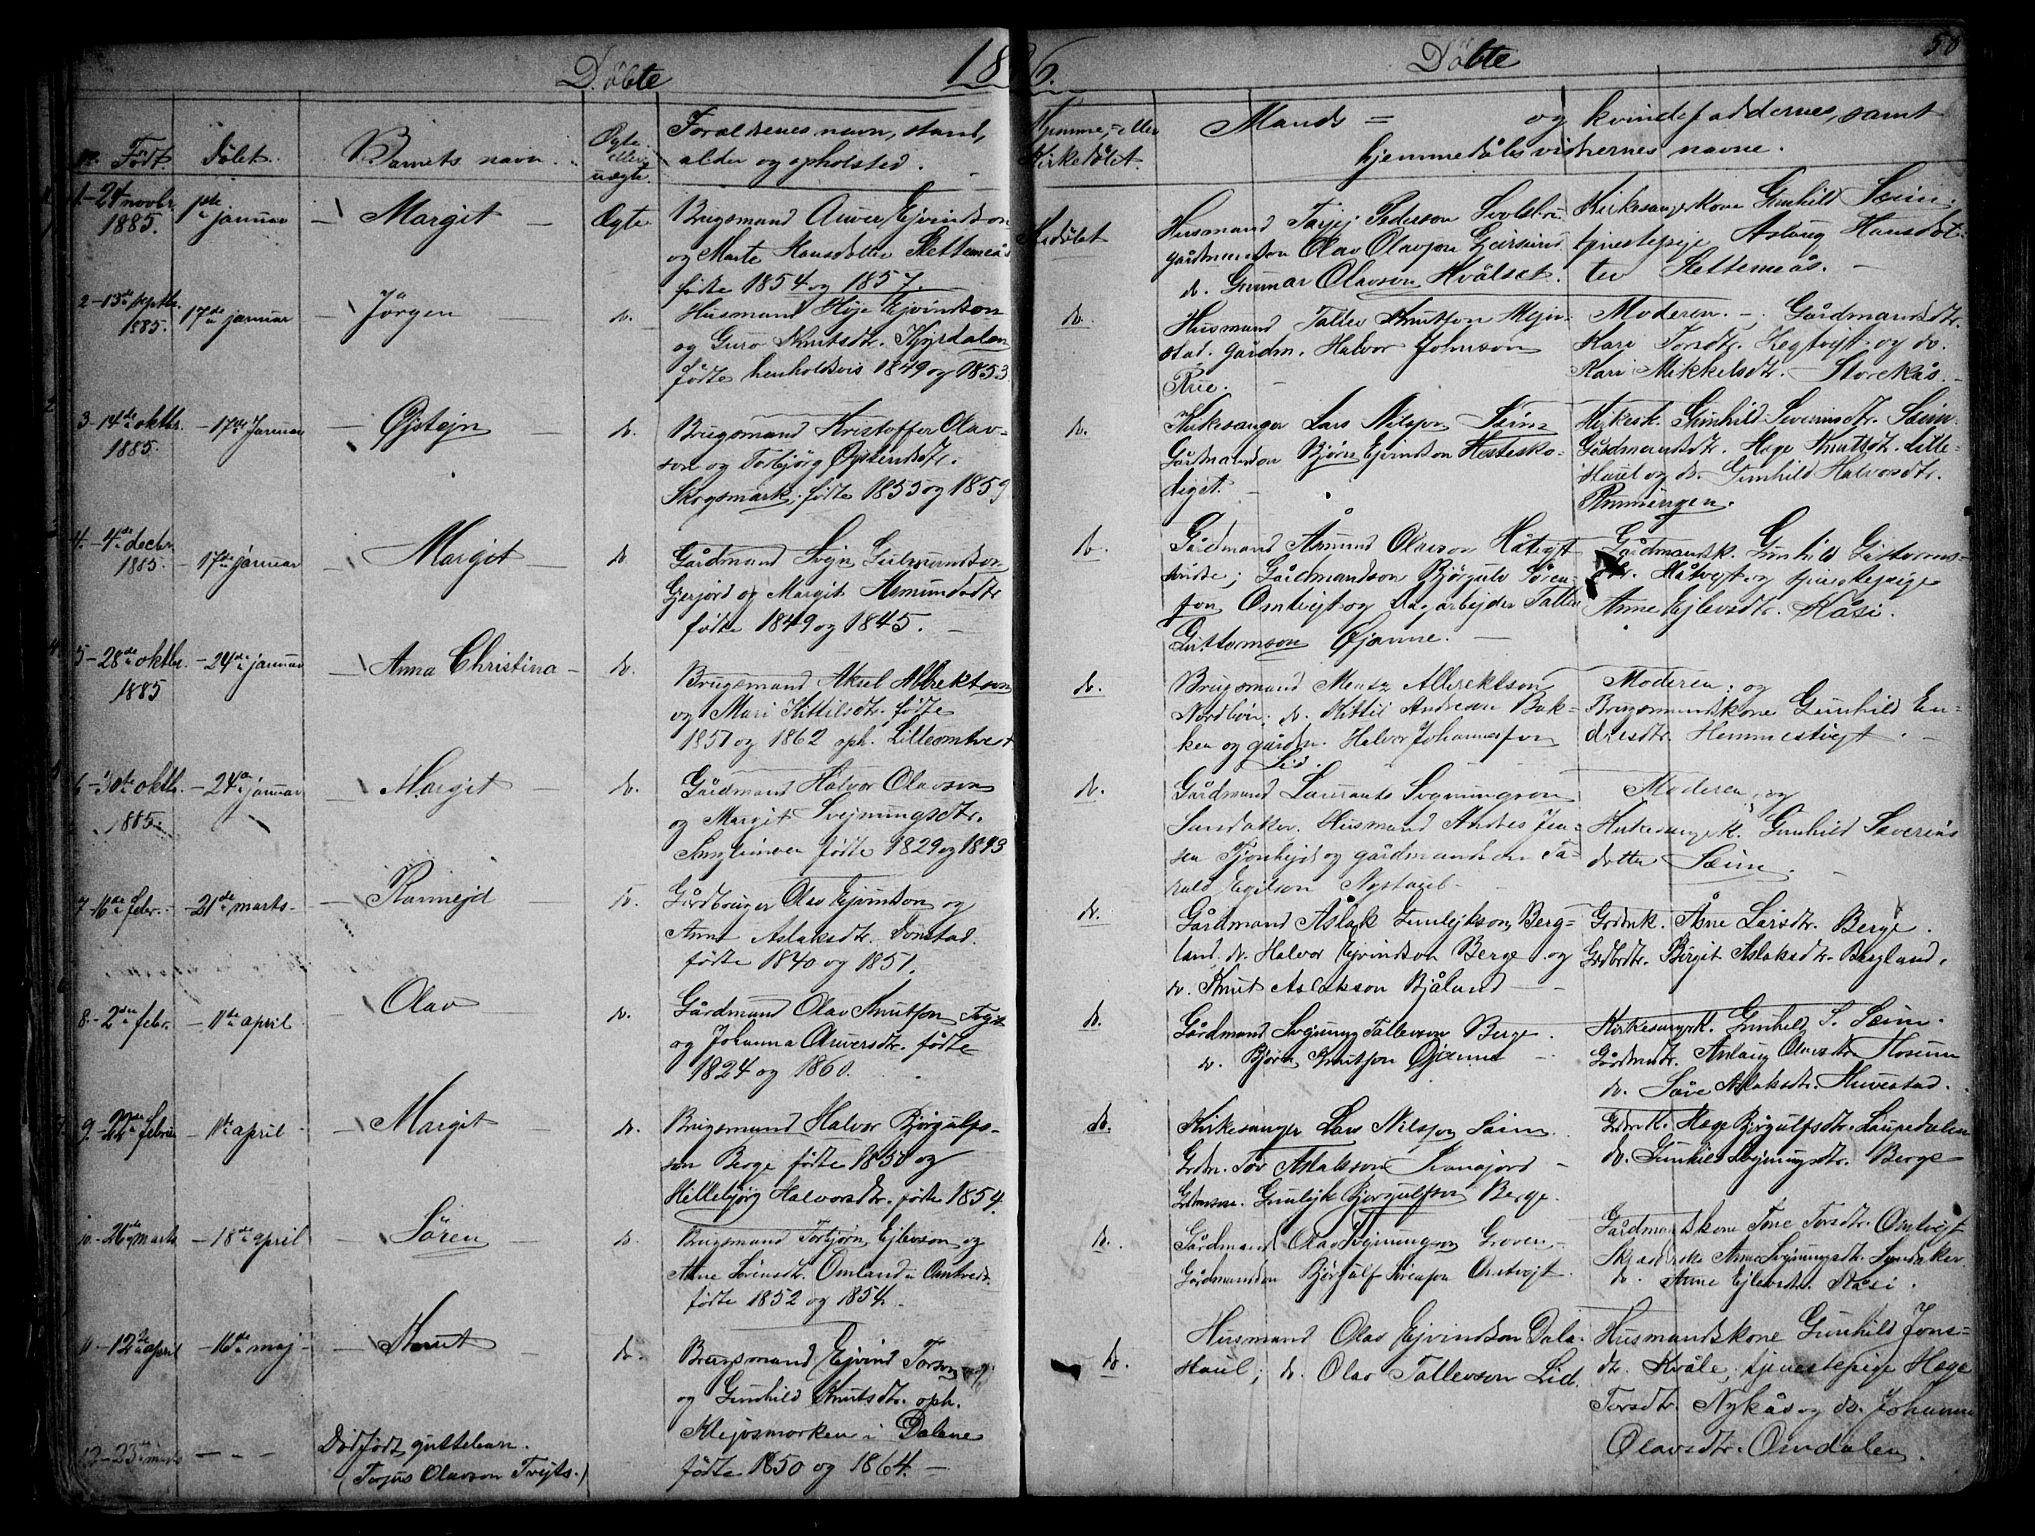 SAKO, Kviteseid kirkebøker, G/Gb/L0002: Klokkerbok nr. II 2, 1850-1892, s. 58